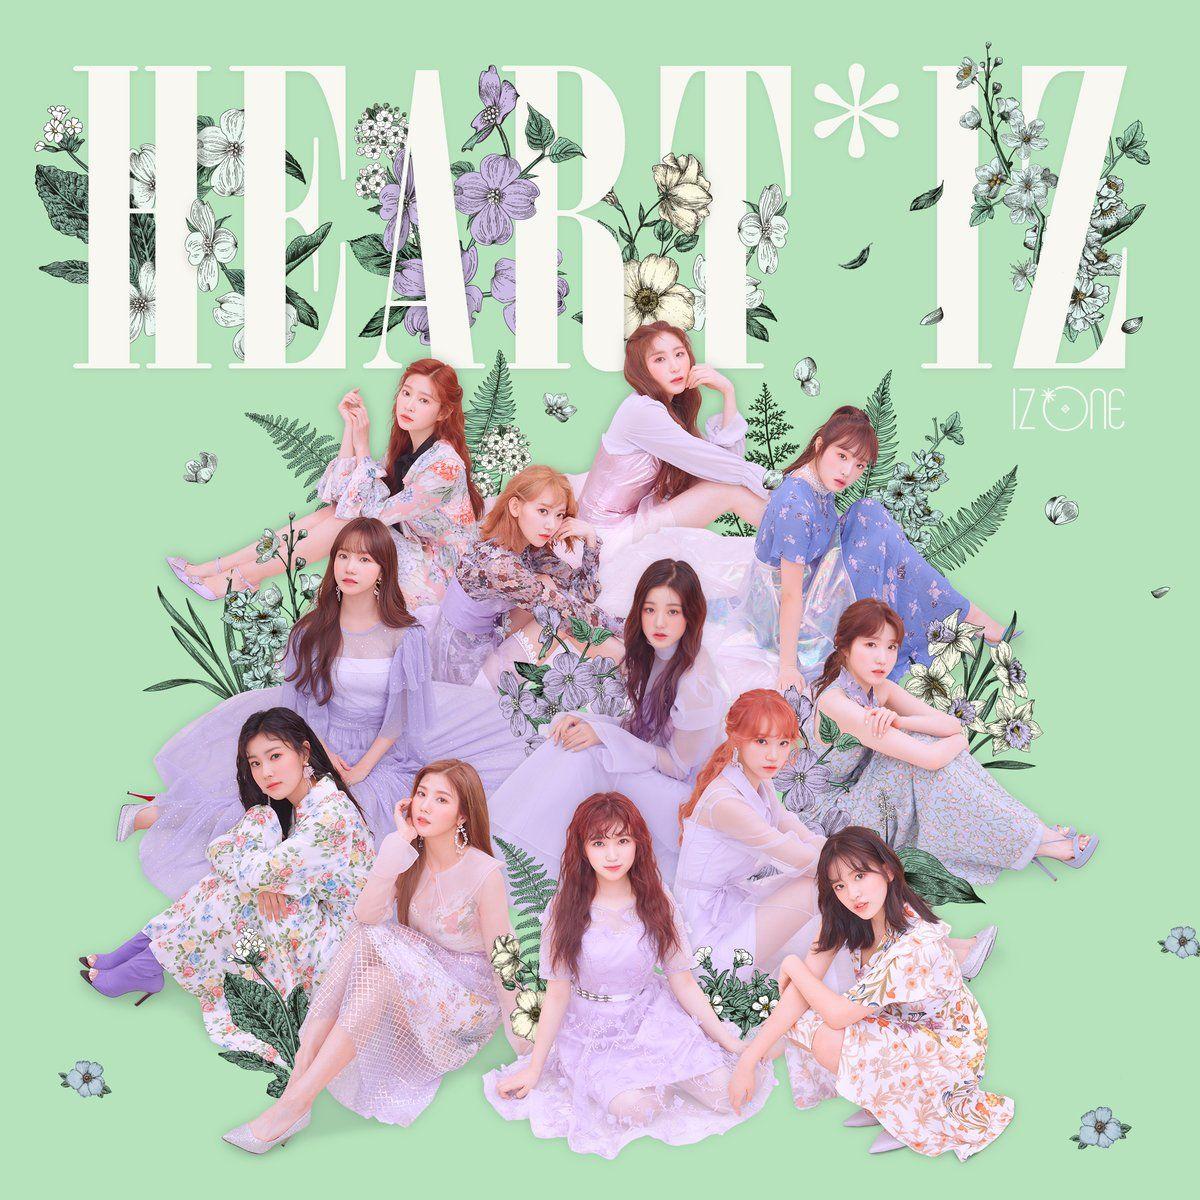 Official Izone Official Izone Twitter Album Covers Mini Albums Album